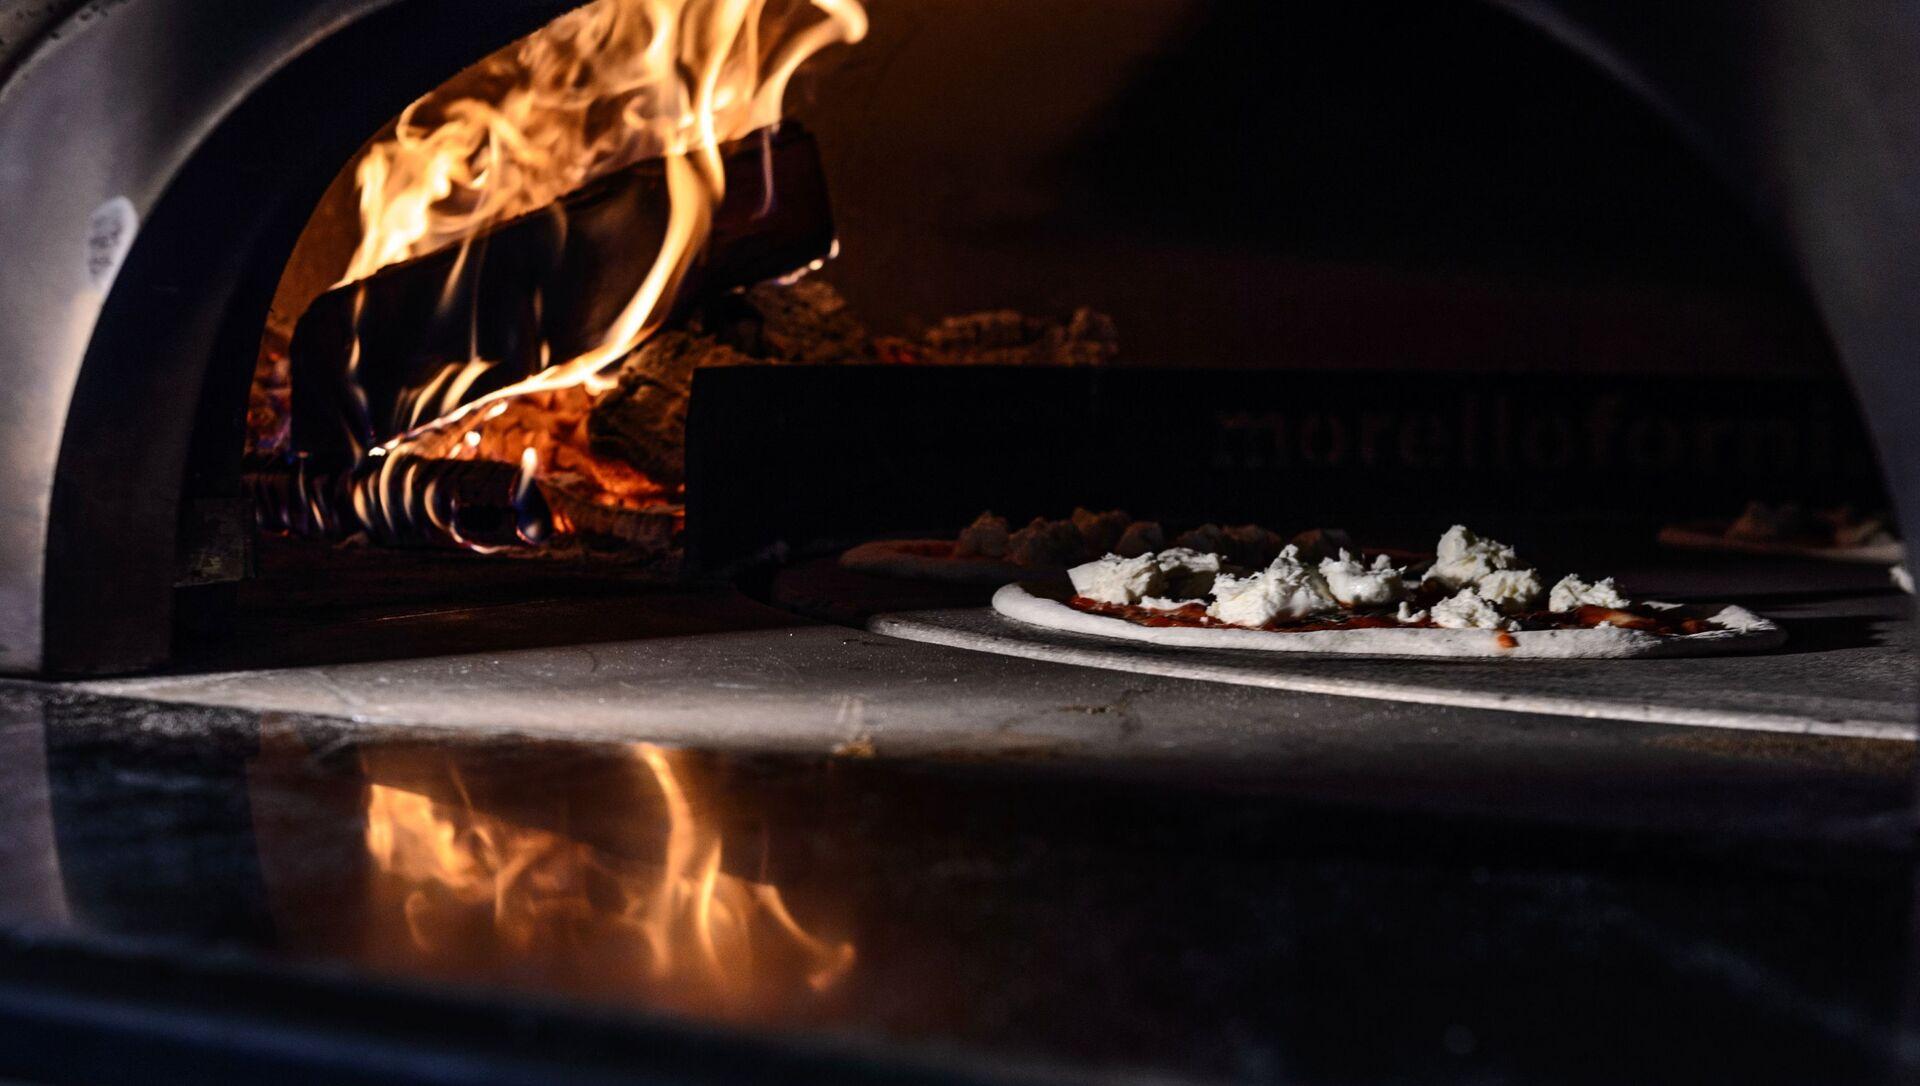 Una pizza nel forno - Sputnik Italia, 1920, 18.05.2021